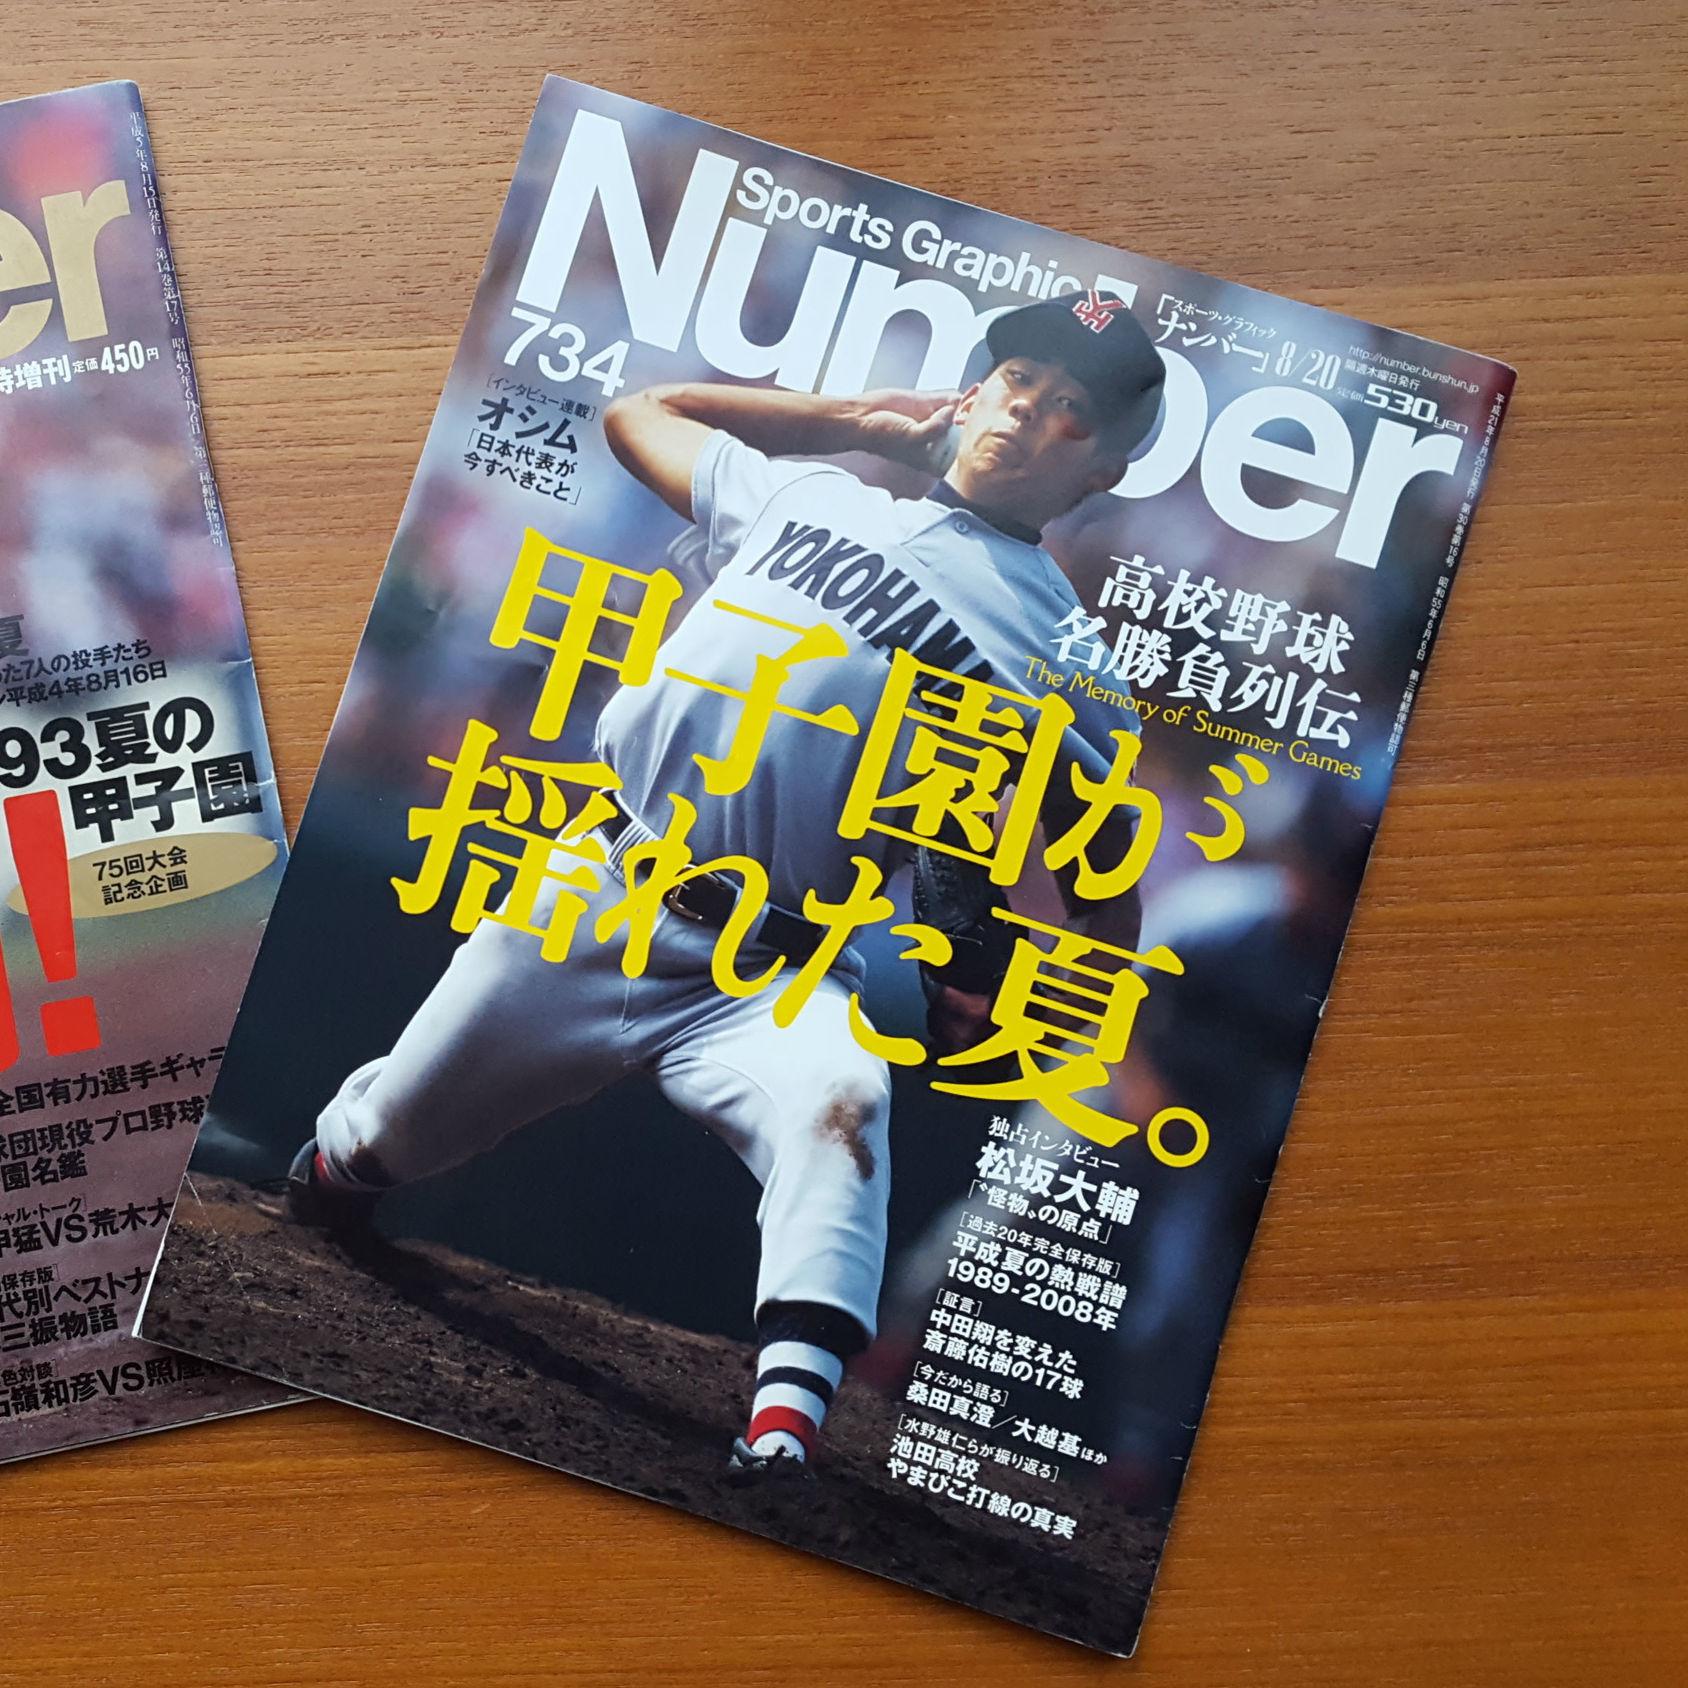 ナンバー1総合スポーツ誌が厳選した甲子園の「怪物」たち